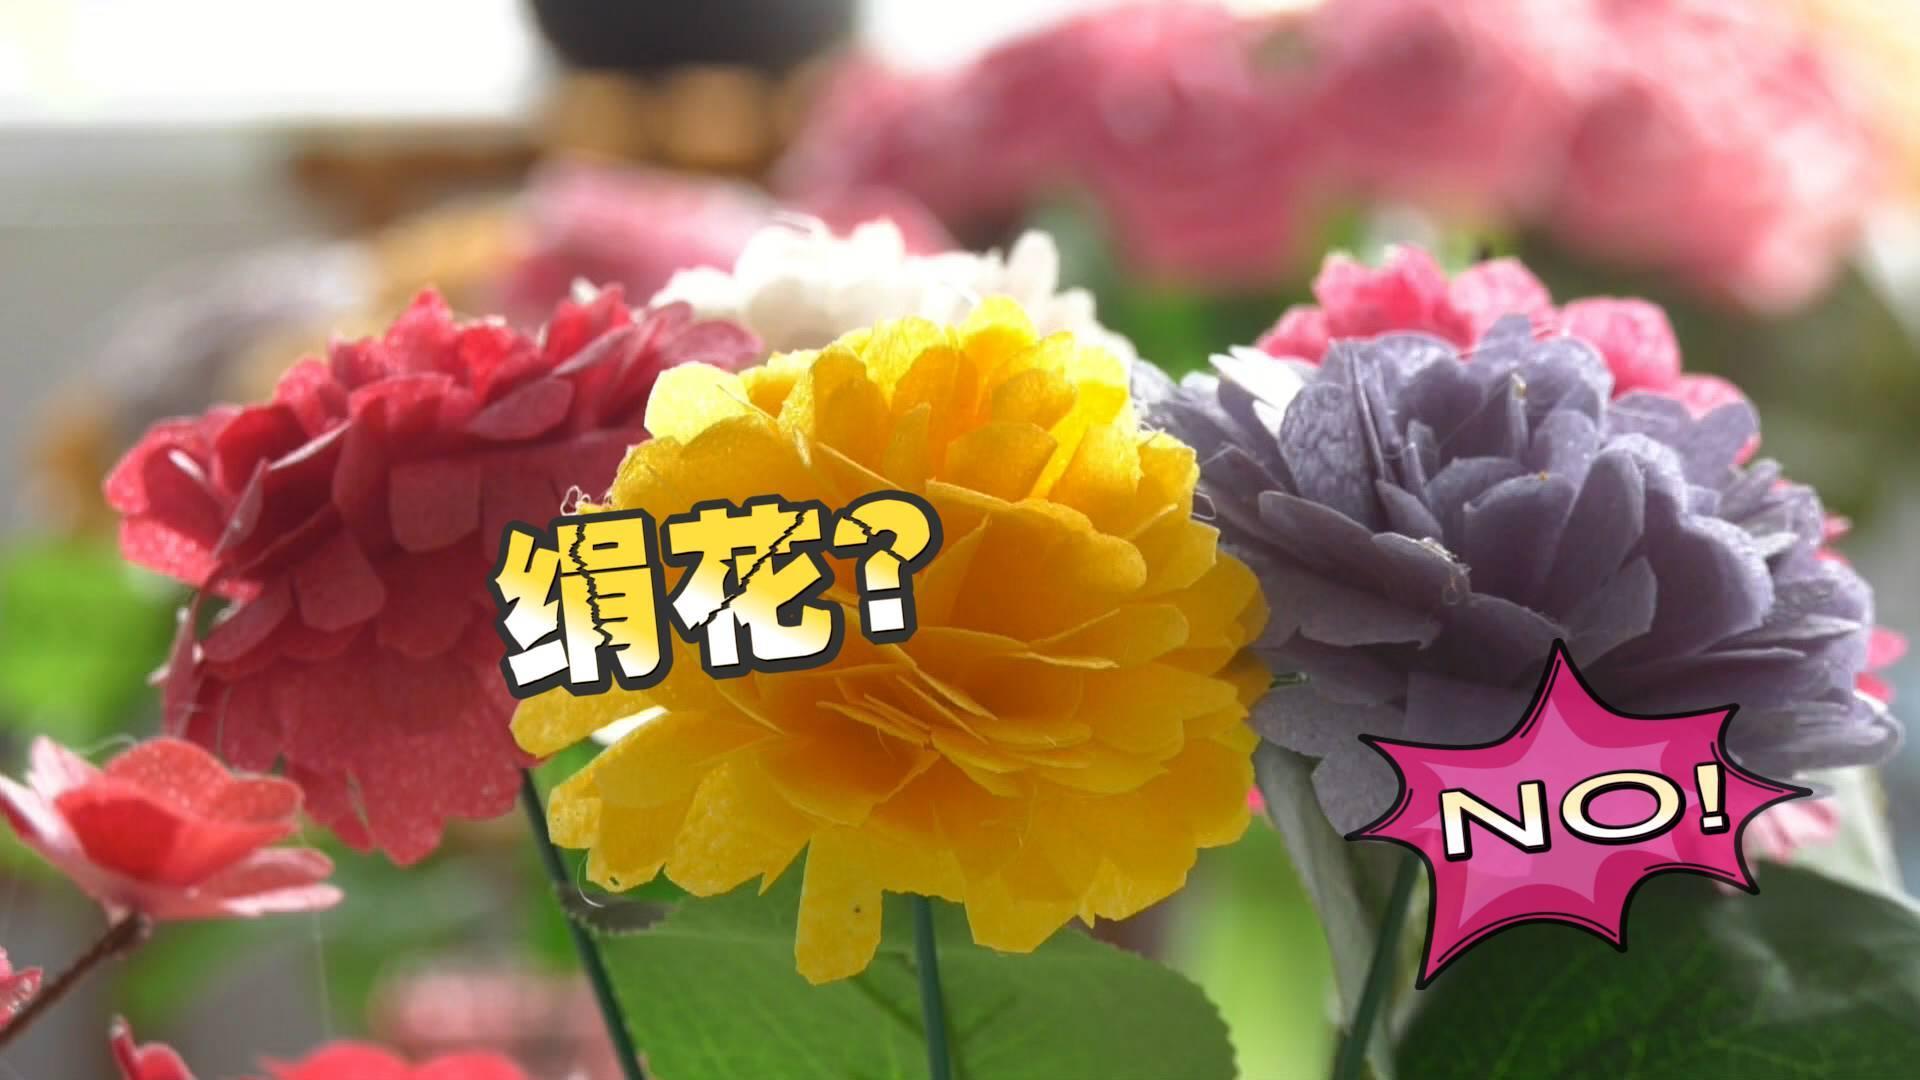 93秒丨煎饼也能折成花?临沂蒙阴农村大嫂把传统煎饼做出花